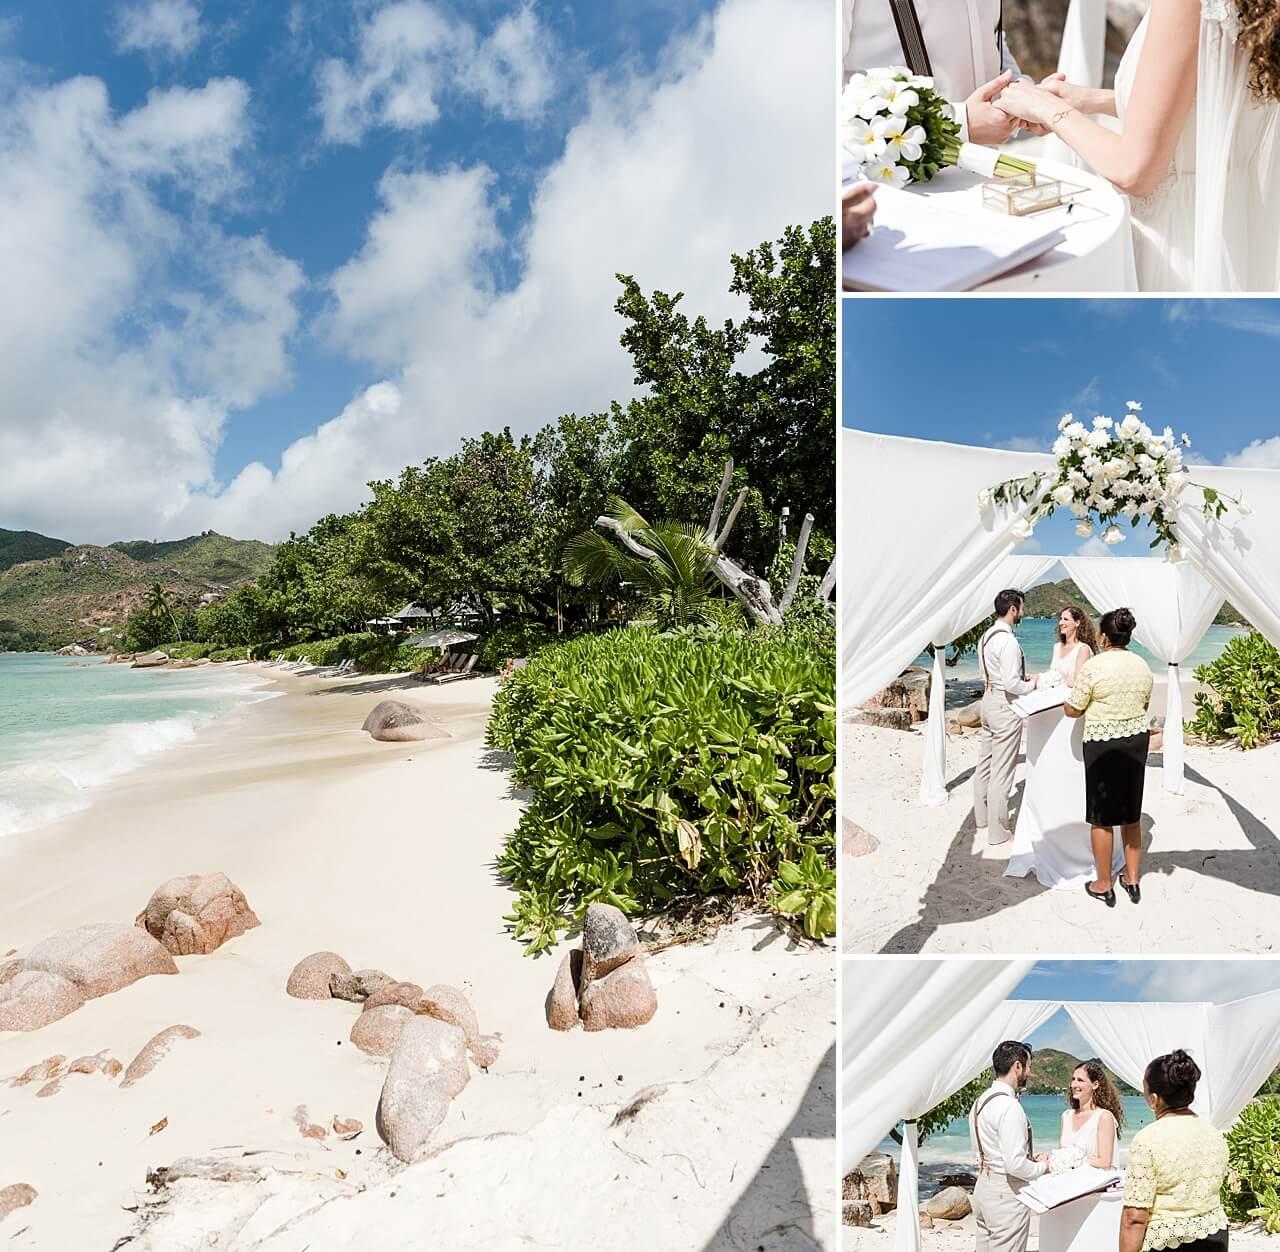 Rebecca Conte Fotografie: Intime Strandhochzeit Seychellen 12